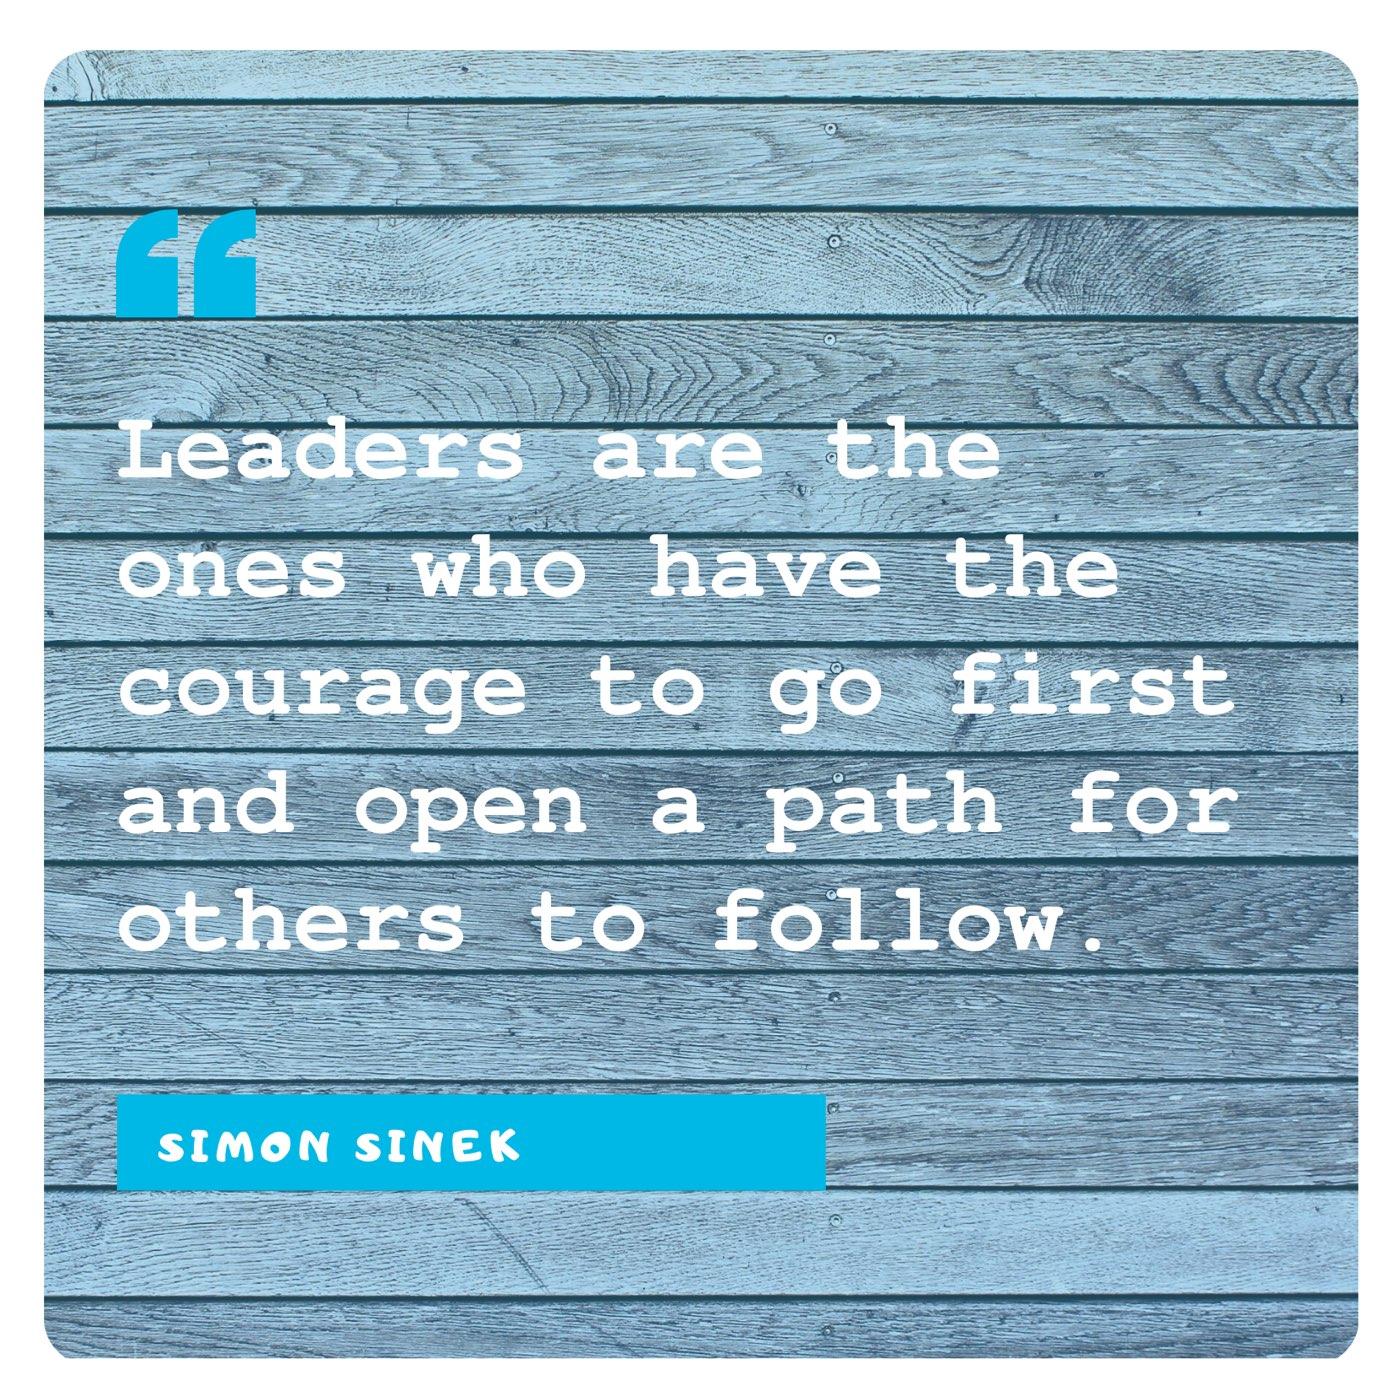 Simon Sinek: Leaders